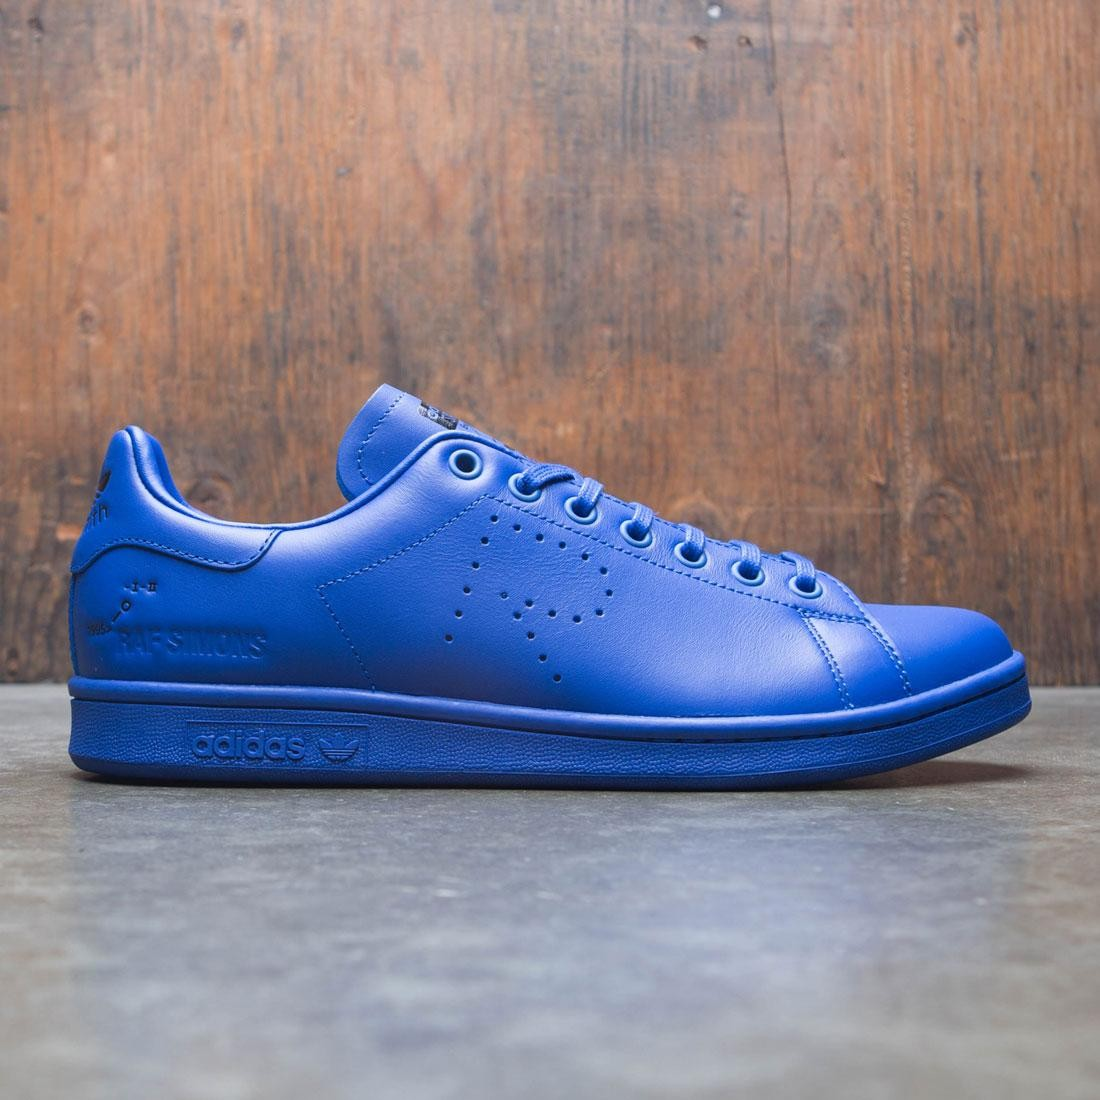 【海外限定】アディダス パワー 青 ブルー 靴 スニーカー 【 ADIDAS POWER BLUE RAF SIMONS MEN RS STAN SMITH MYSTERY INK FOOTWEAR WHITE 】